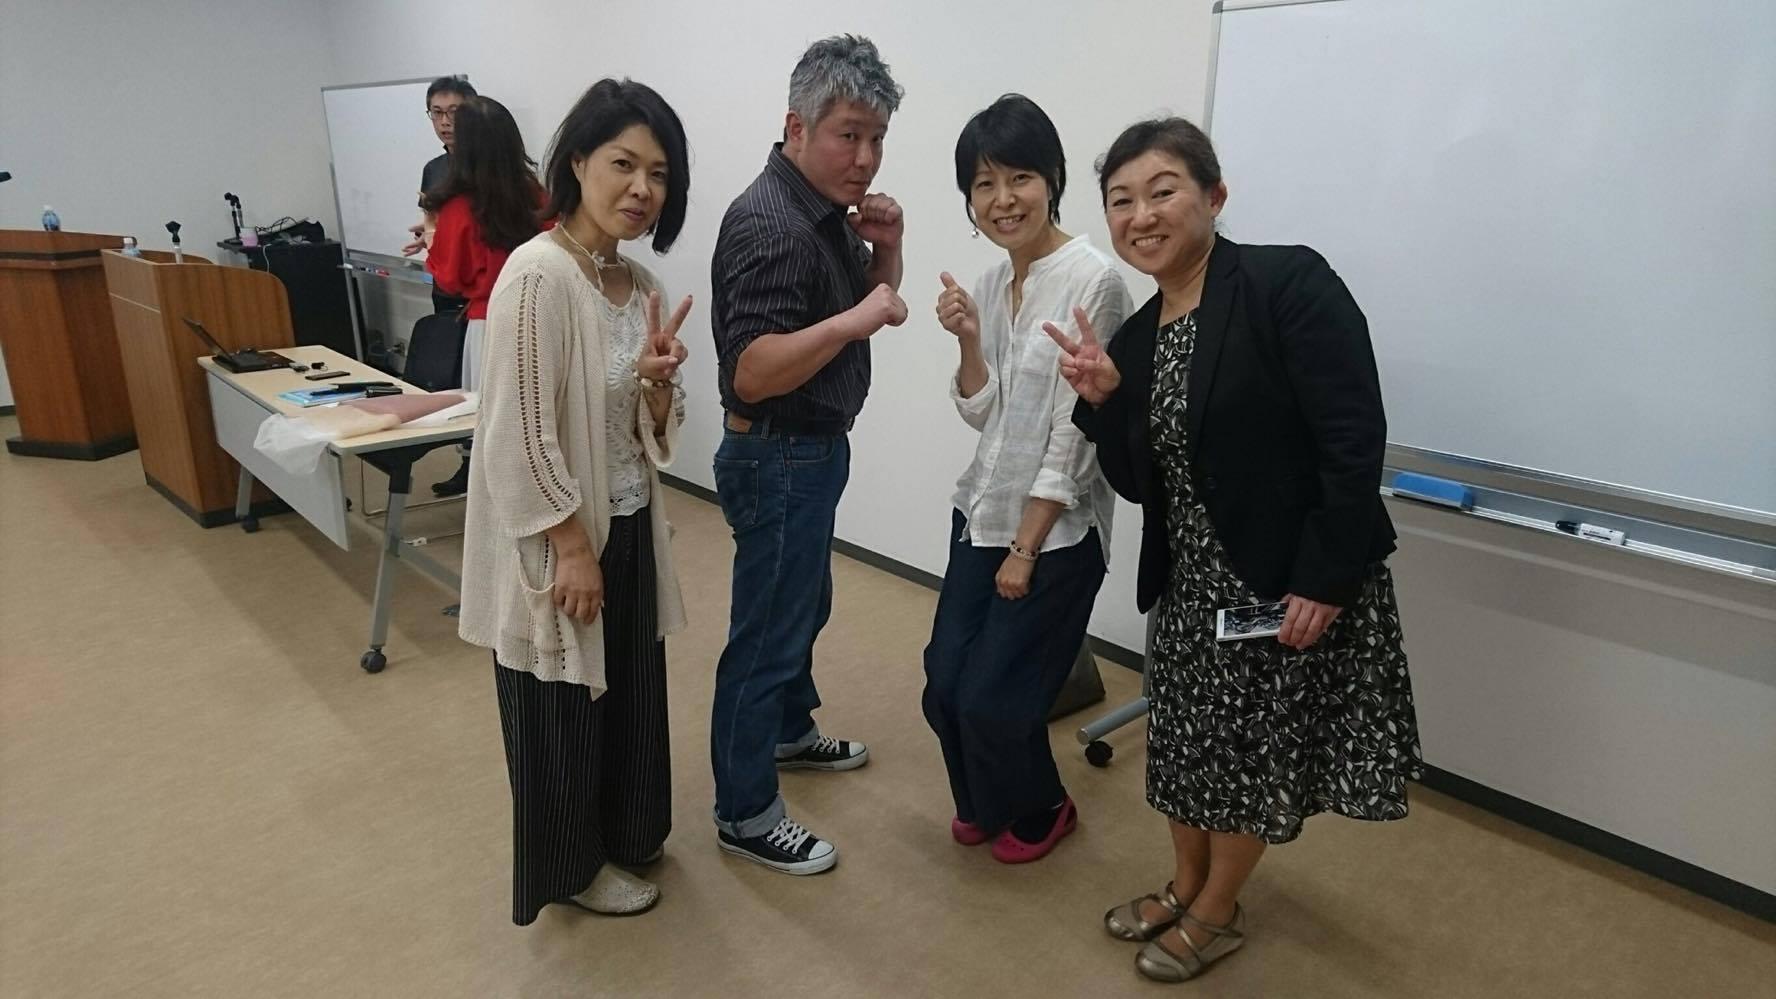 茨木創業塾